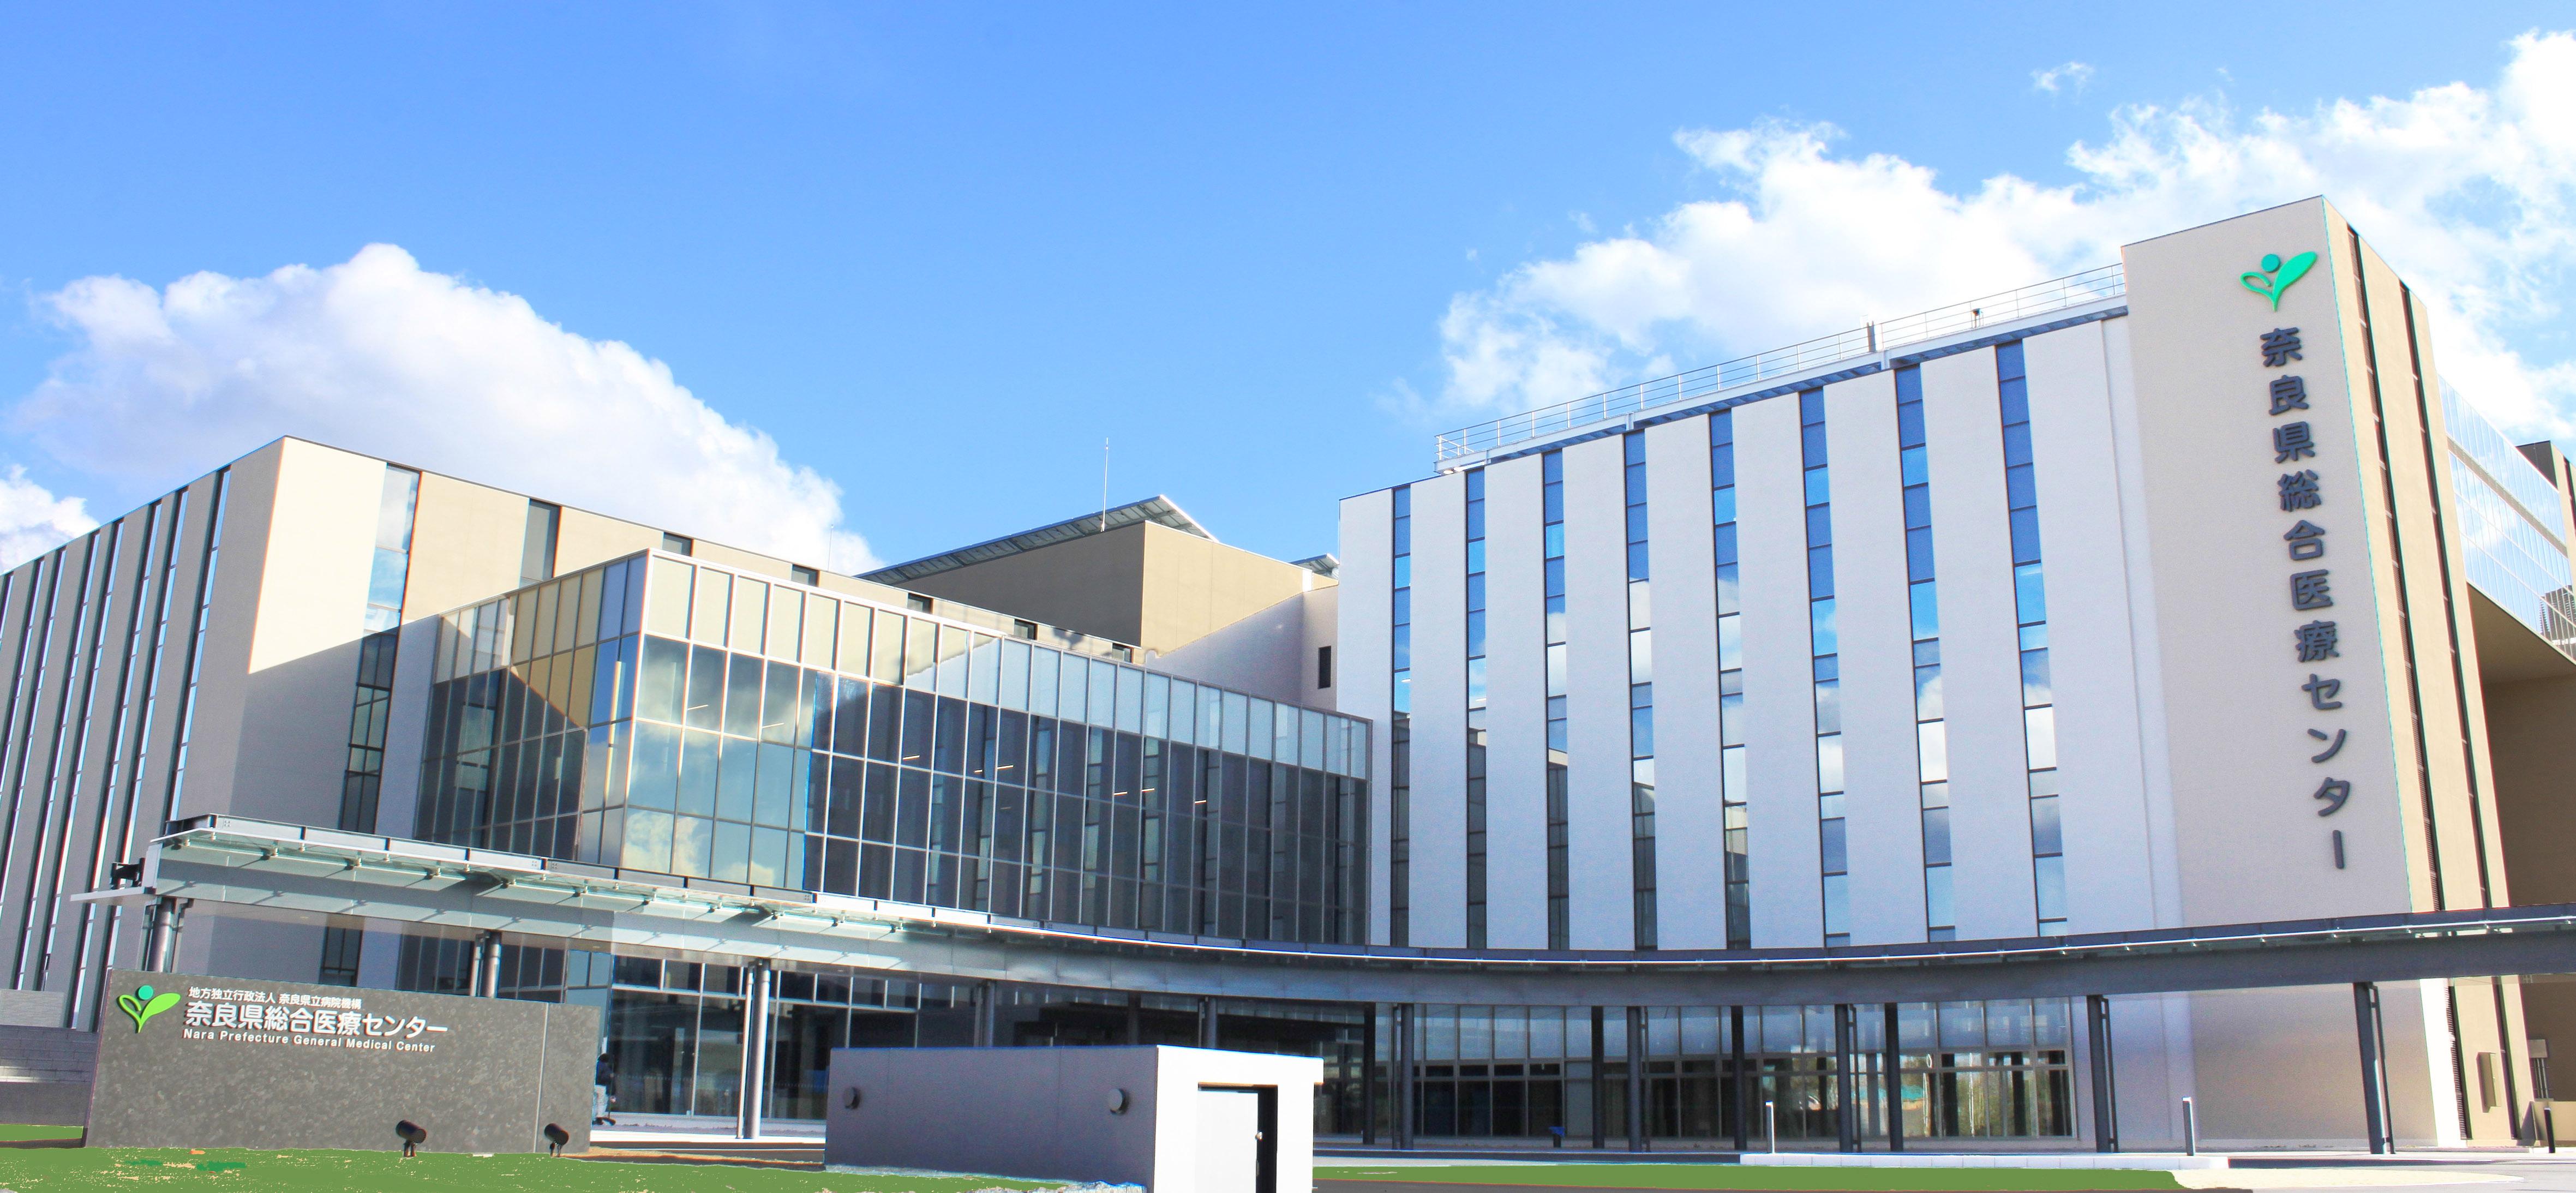 地方独立行政法人 奈良県立病院機構奈良県総合医療センター(旧:奈良県立奈良病院)